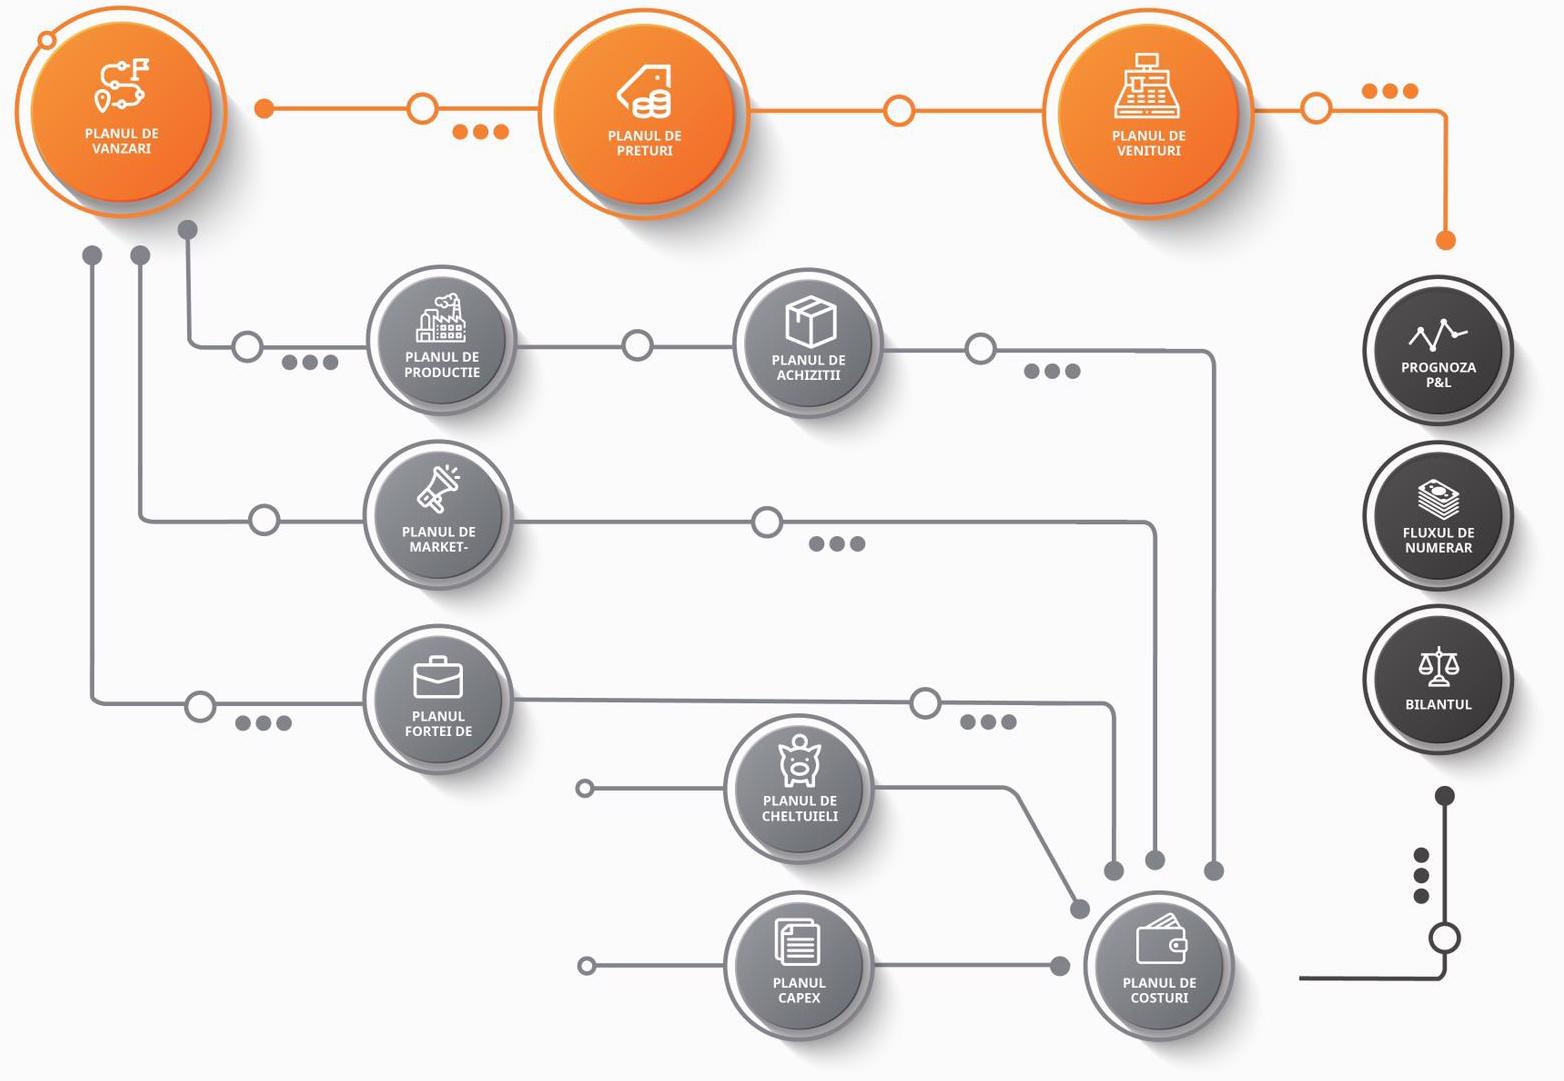 bpm cpm software bugetare financiar performance management vanzari spm schema